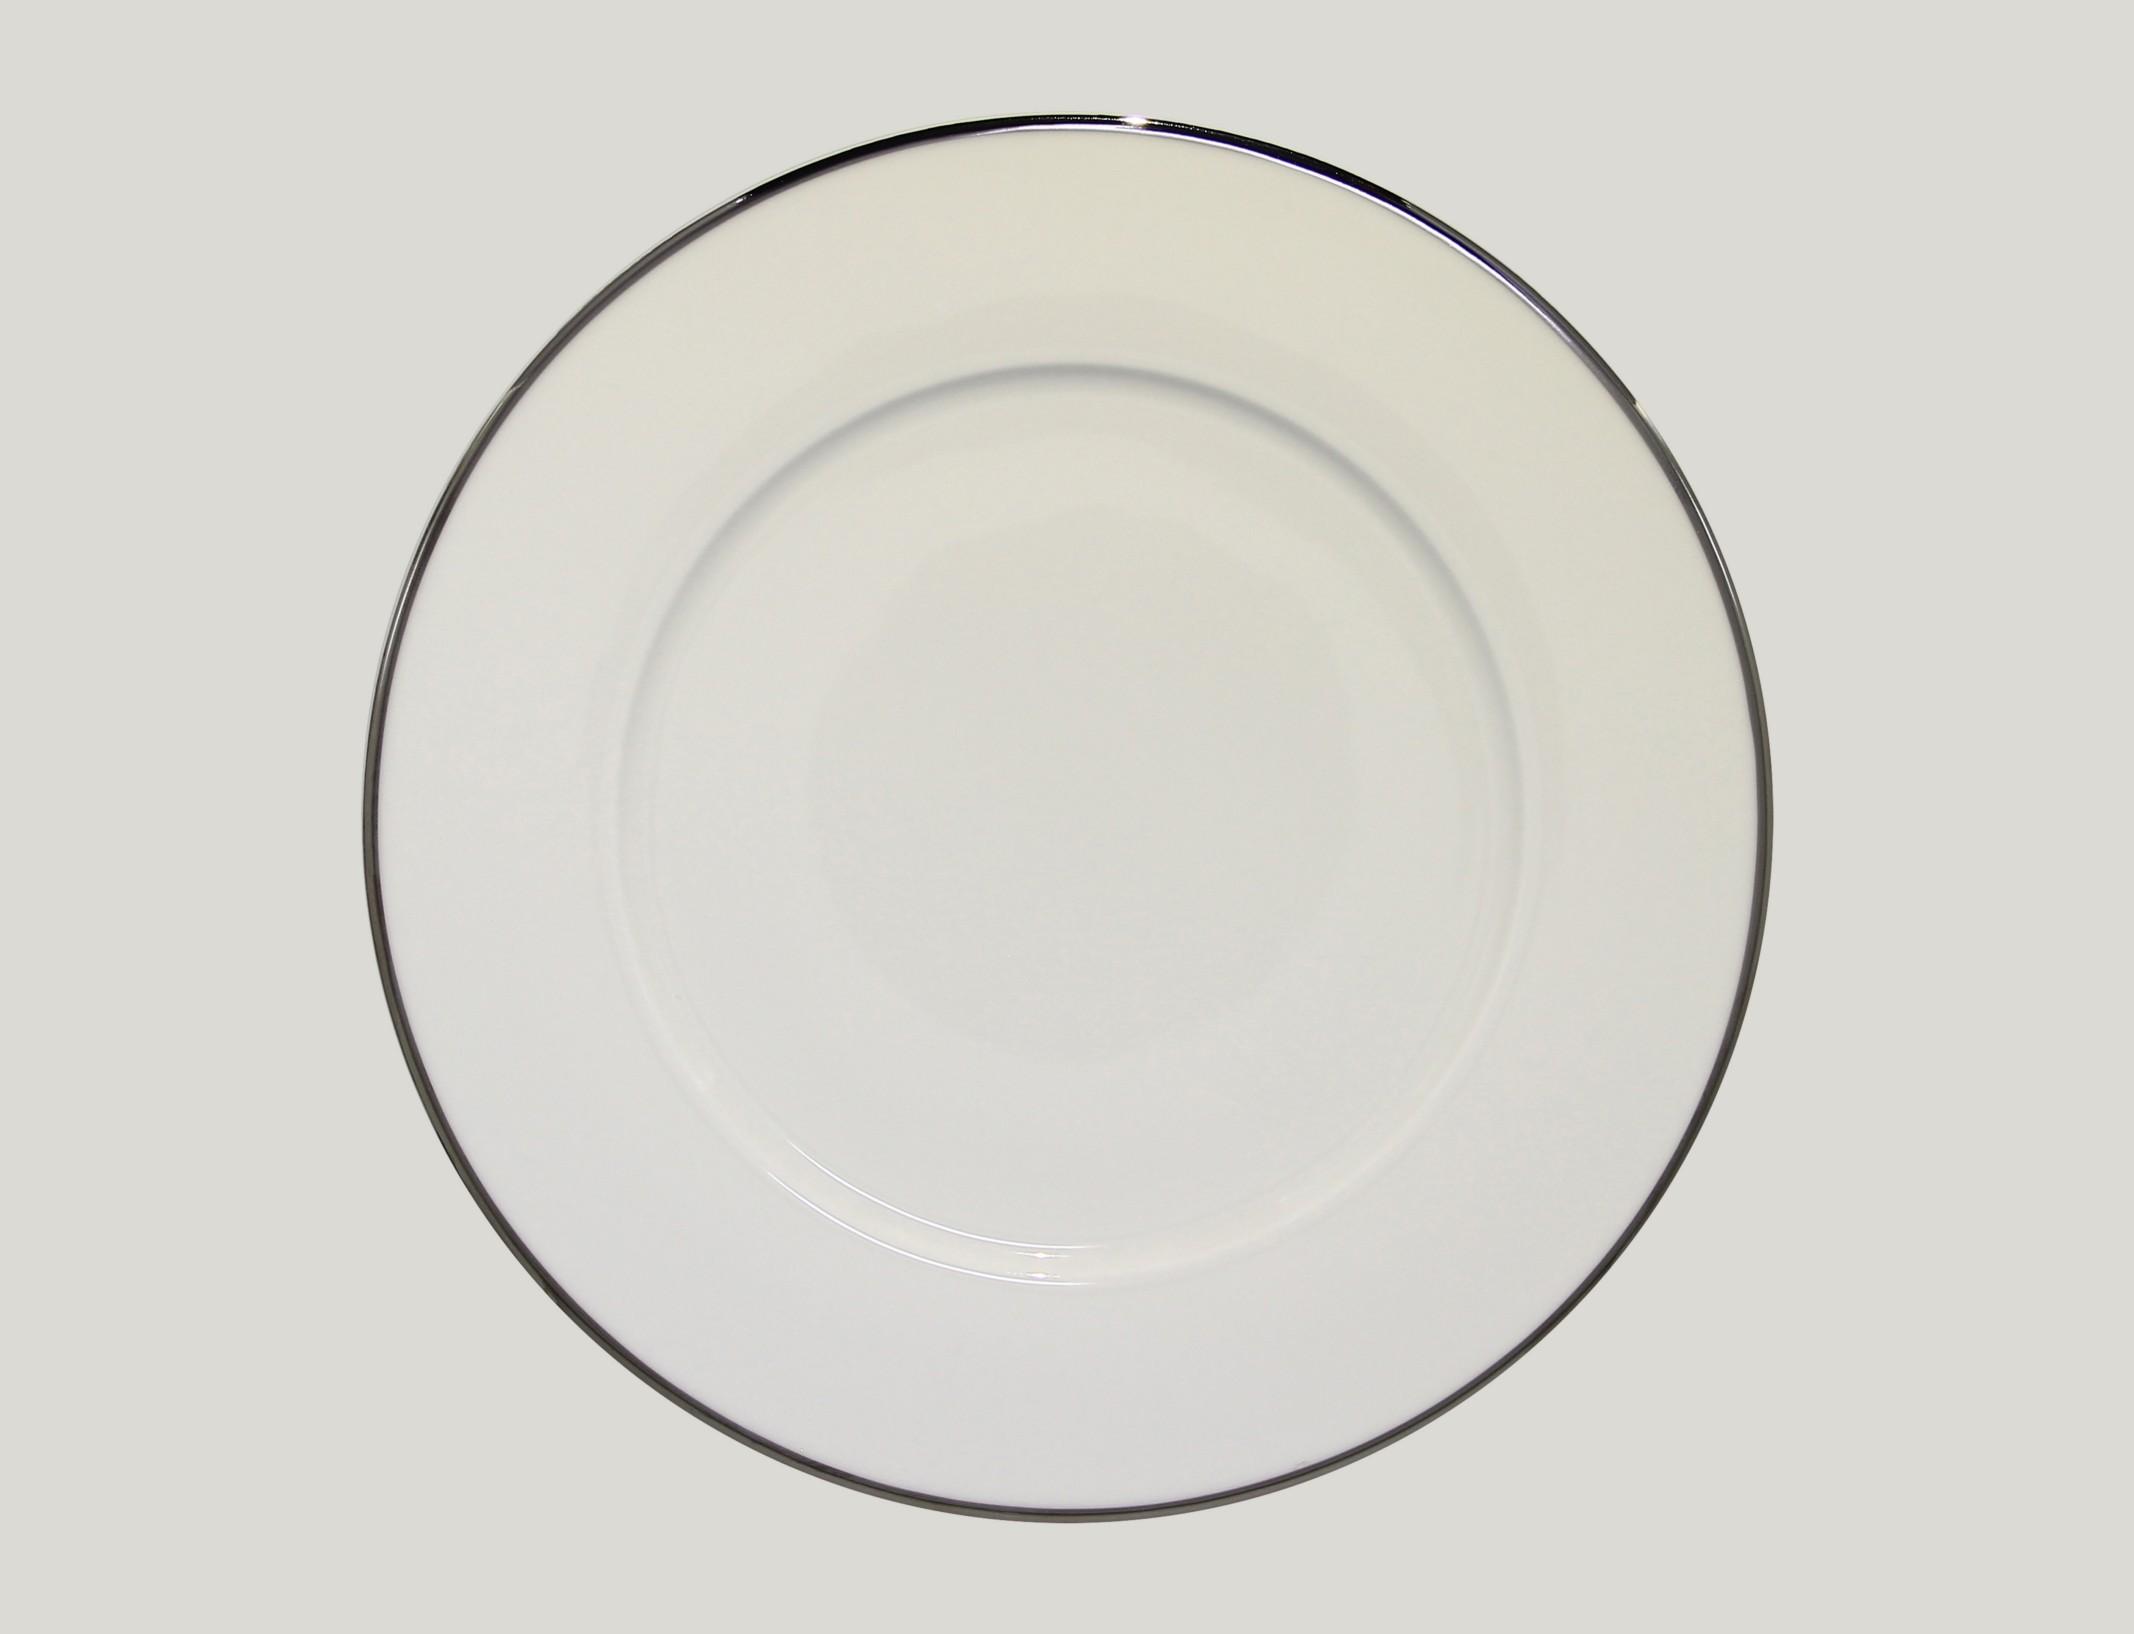 Mělký talíř - S PLATINOVOU LINII PLATINUM